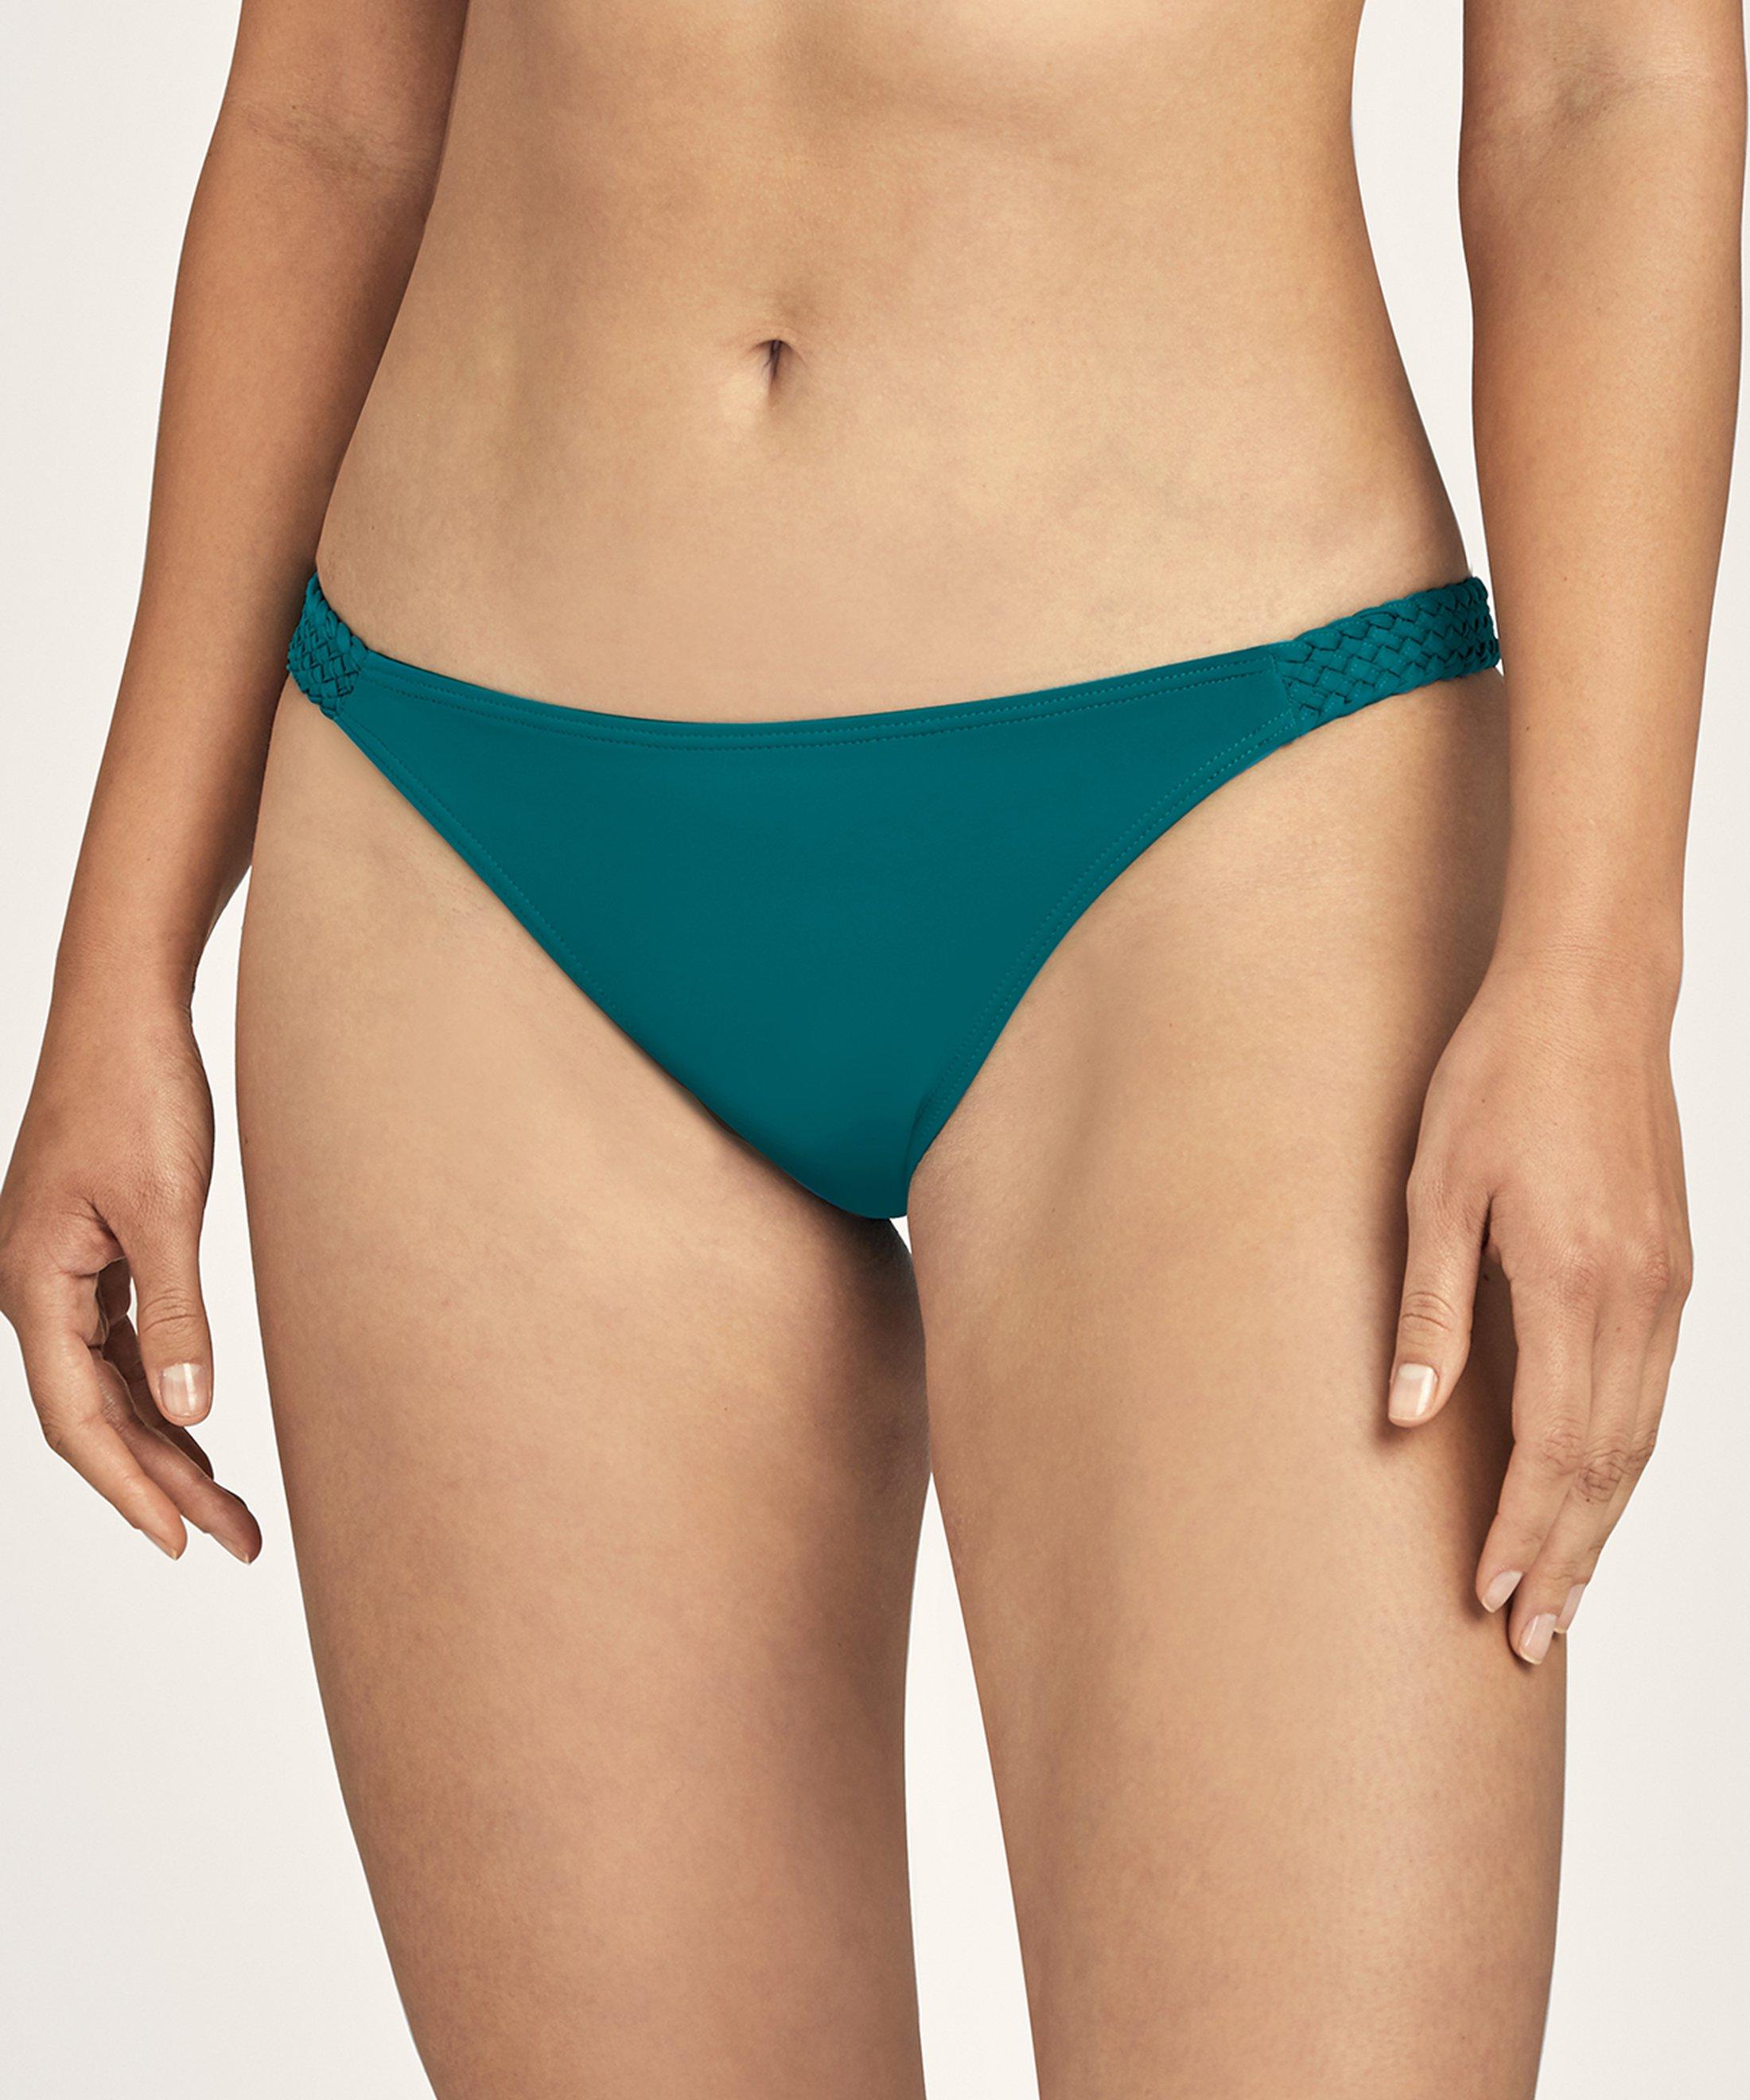 LA PLAGE ENSOLEILLÉE Culotte de maillot de bain Mini-cœur Vert Mineral | Aubade